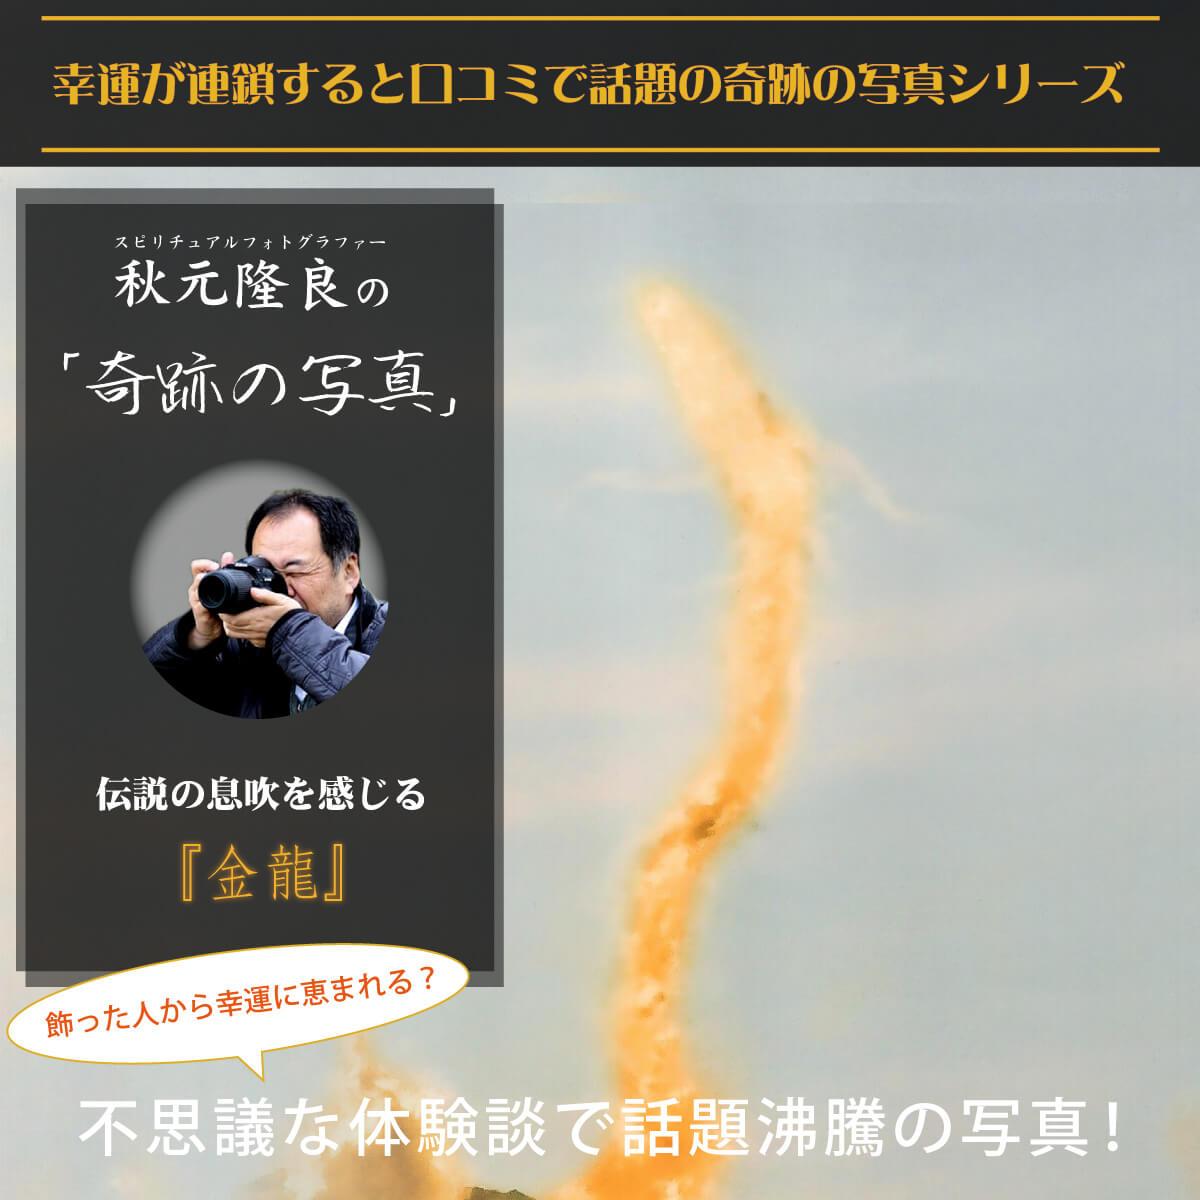 【奇跡の写真】金龍 ≫飾るだけで幸運が連鎖すると話題!秋元隆良の開運フォト作品 開運グッズ